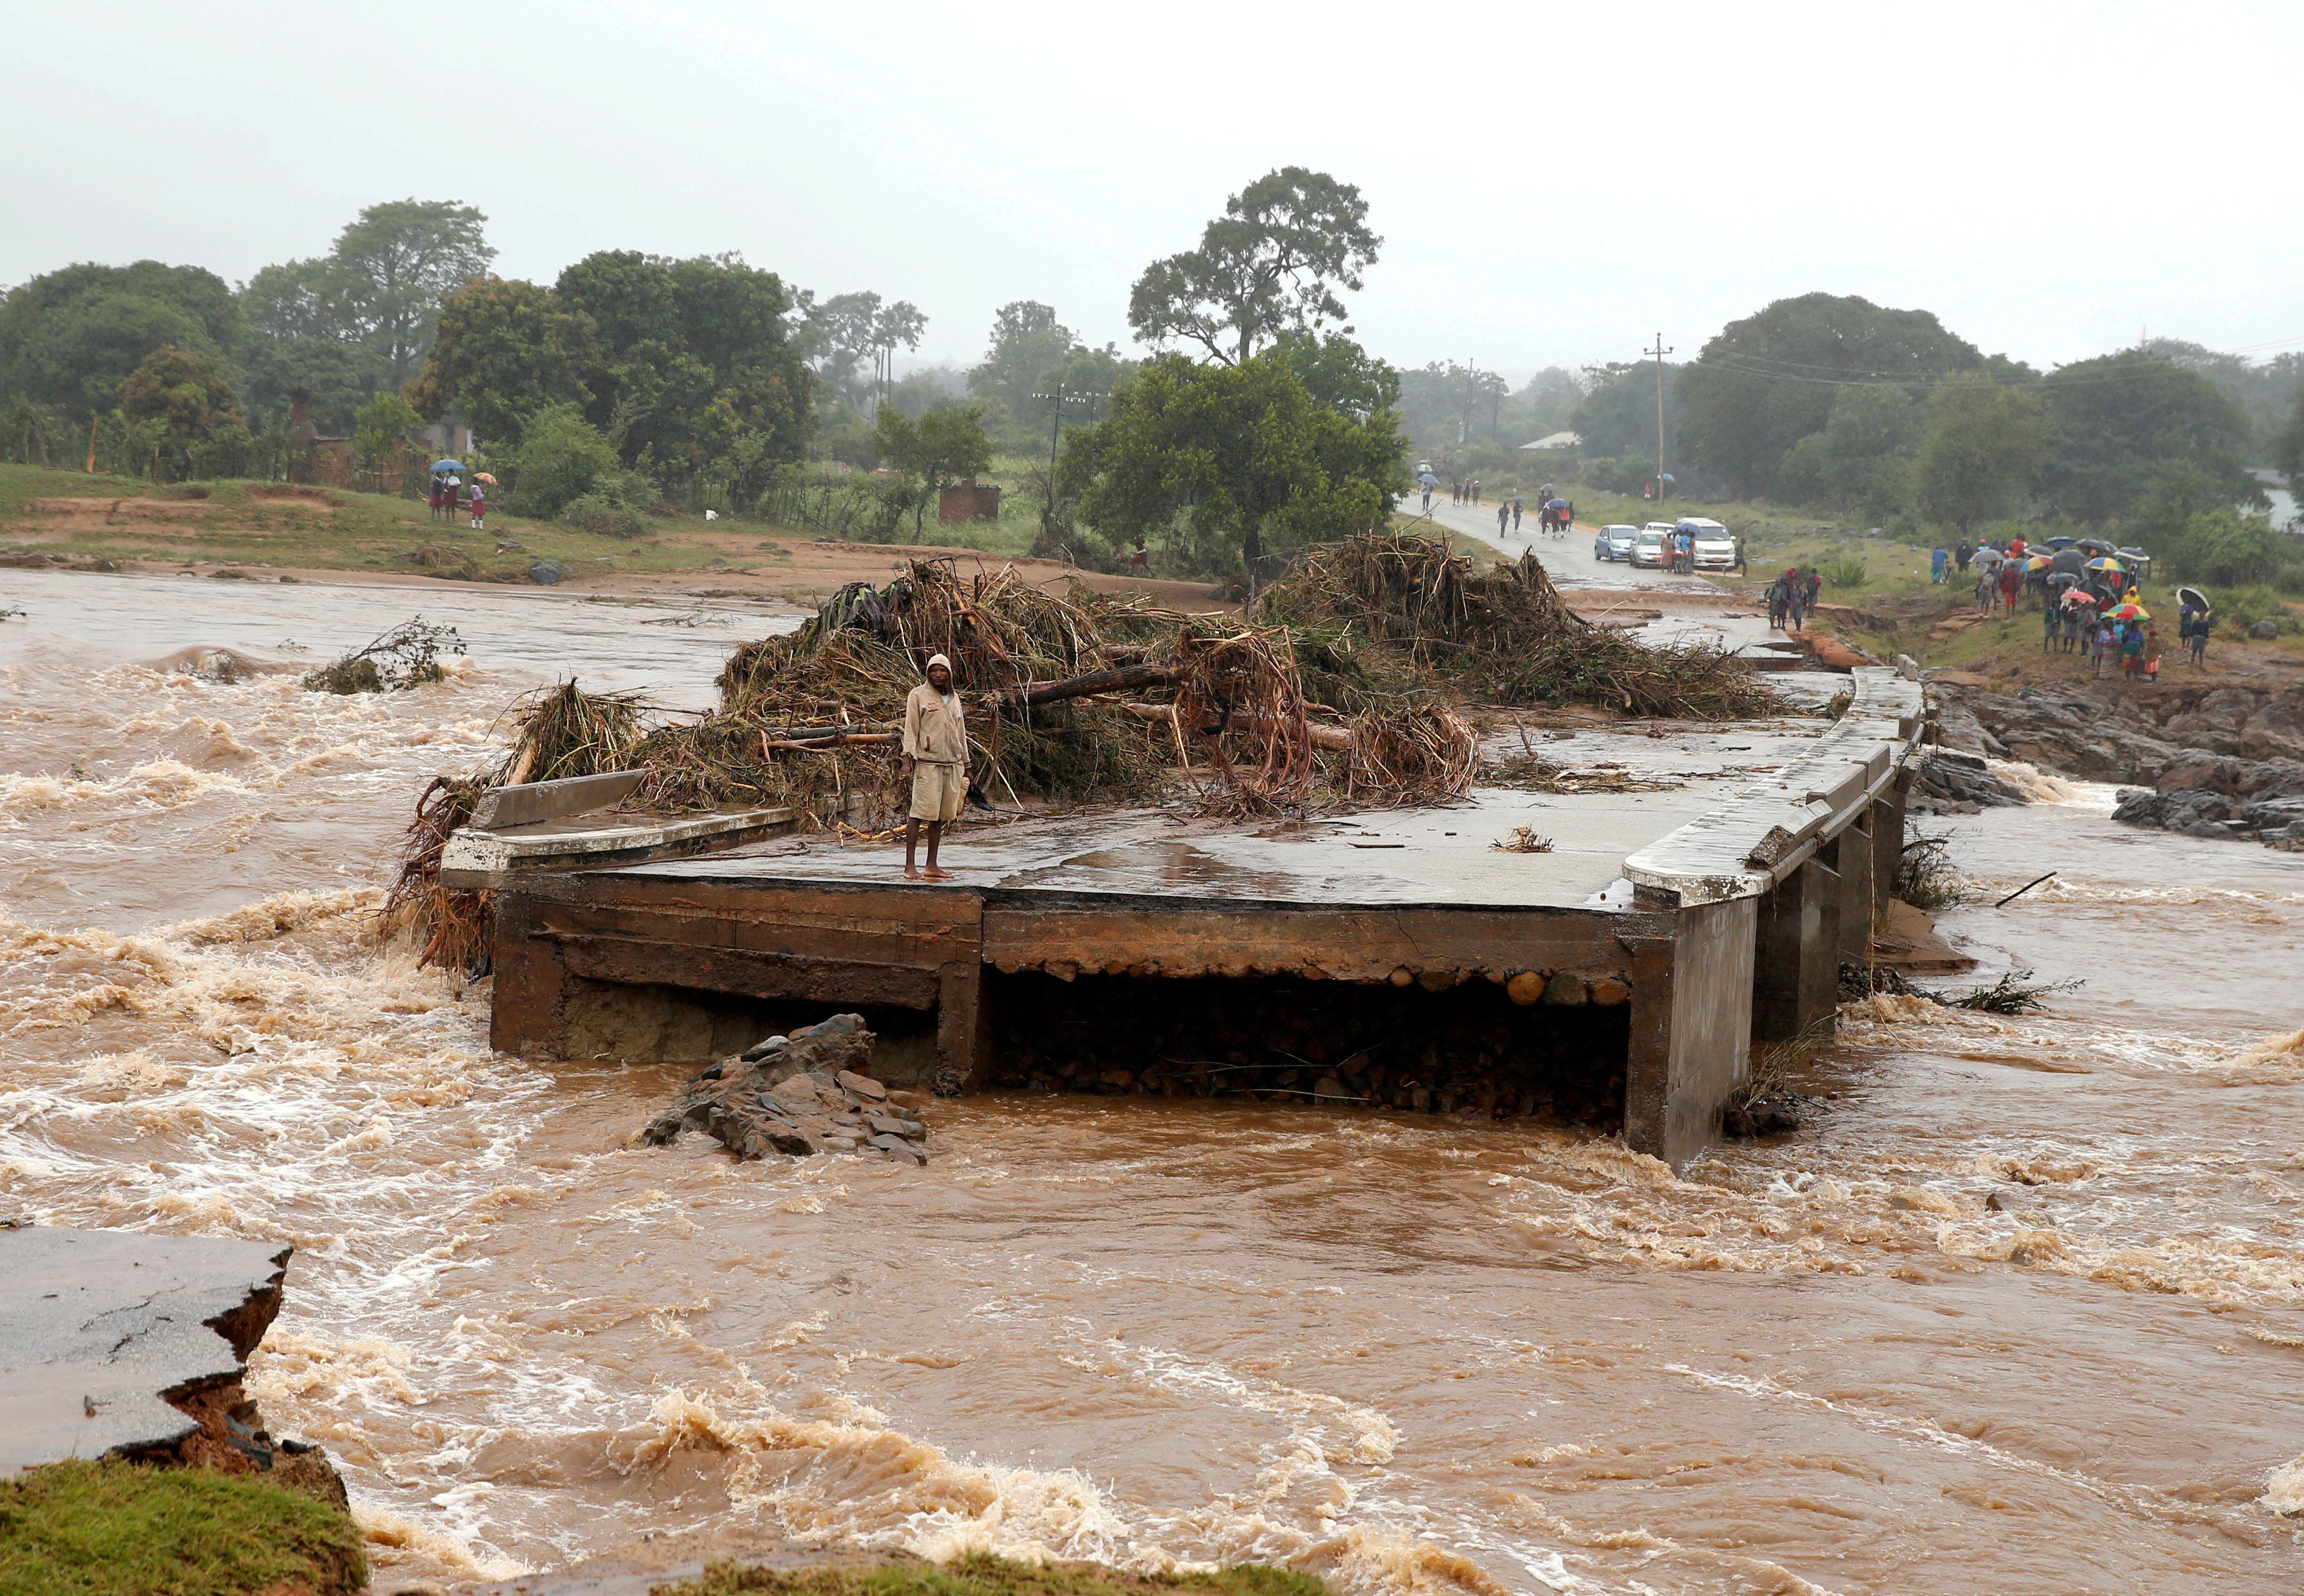 Equipa portuguesa a caminho da Moçambique para avaliar tragédia